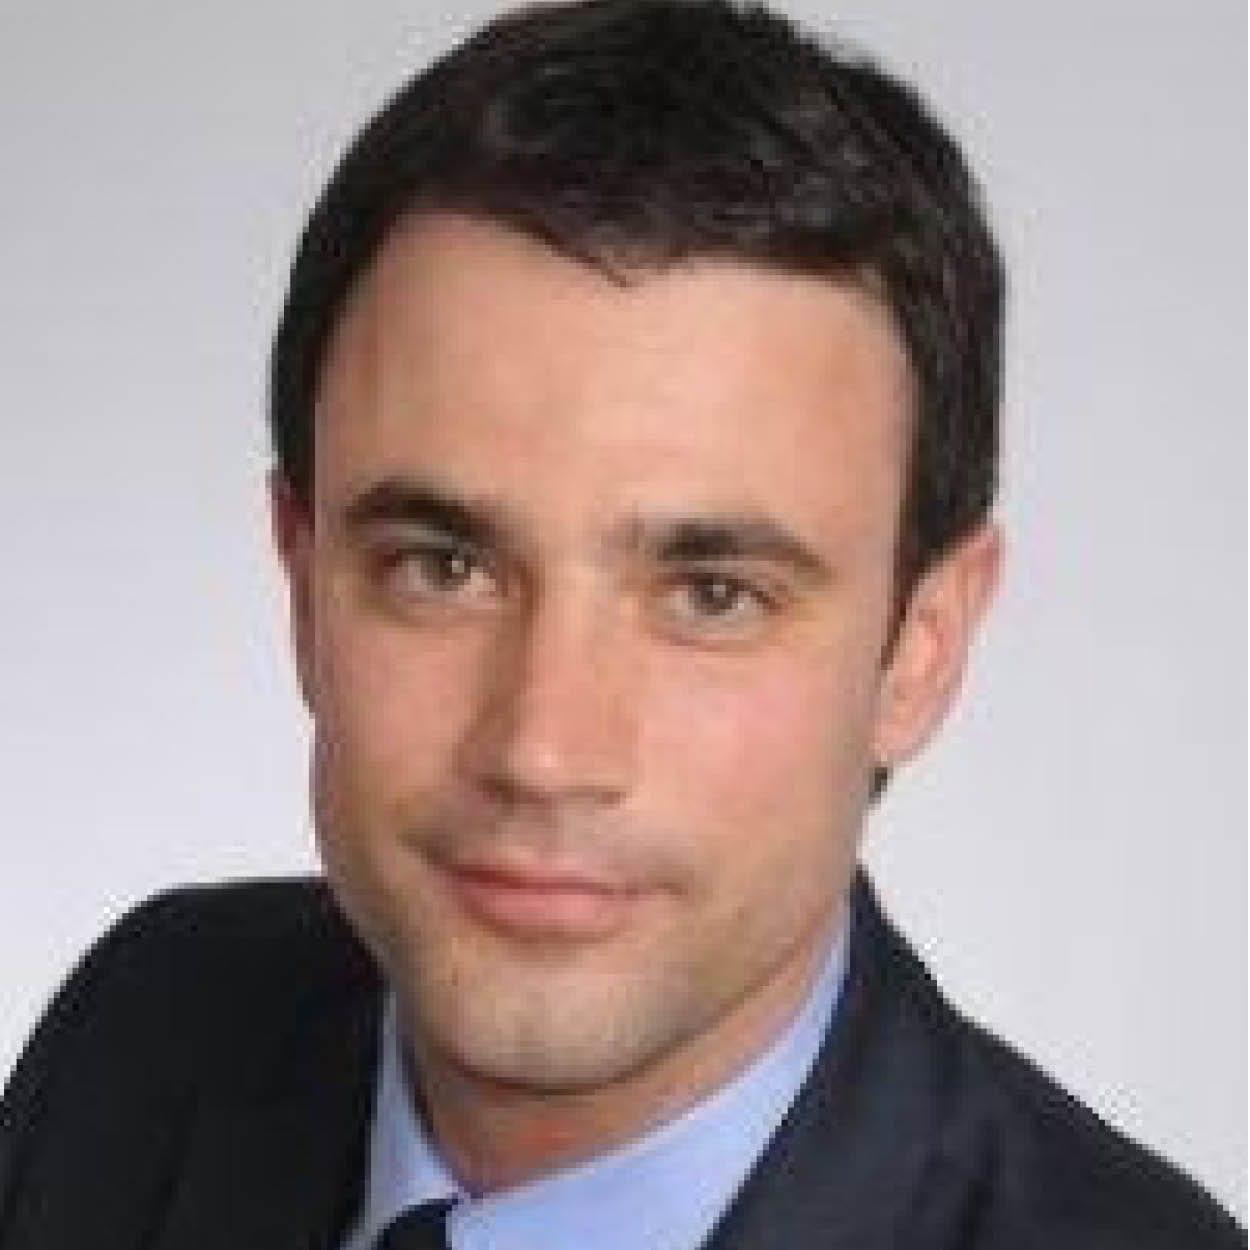 Benoît Pasquier